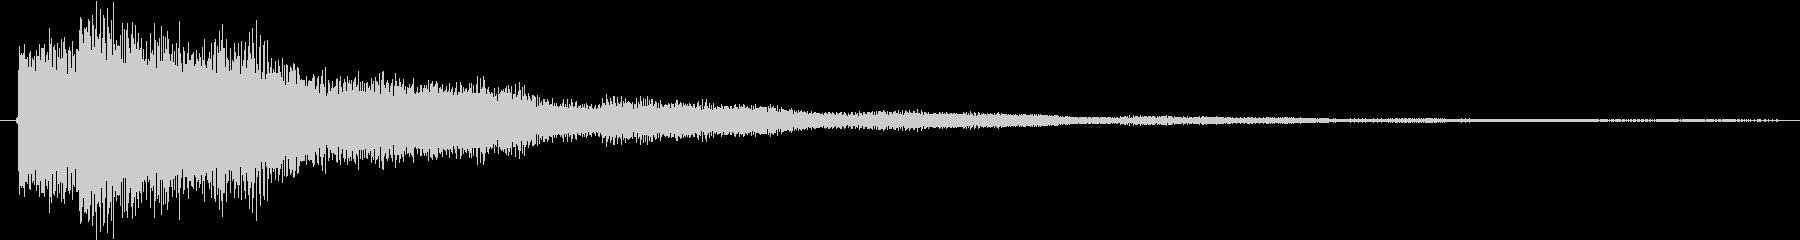 チャラーン(電子音)の未再生の波形